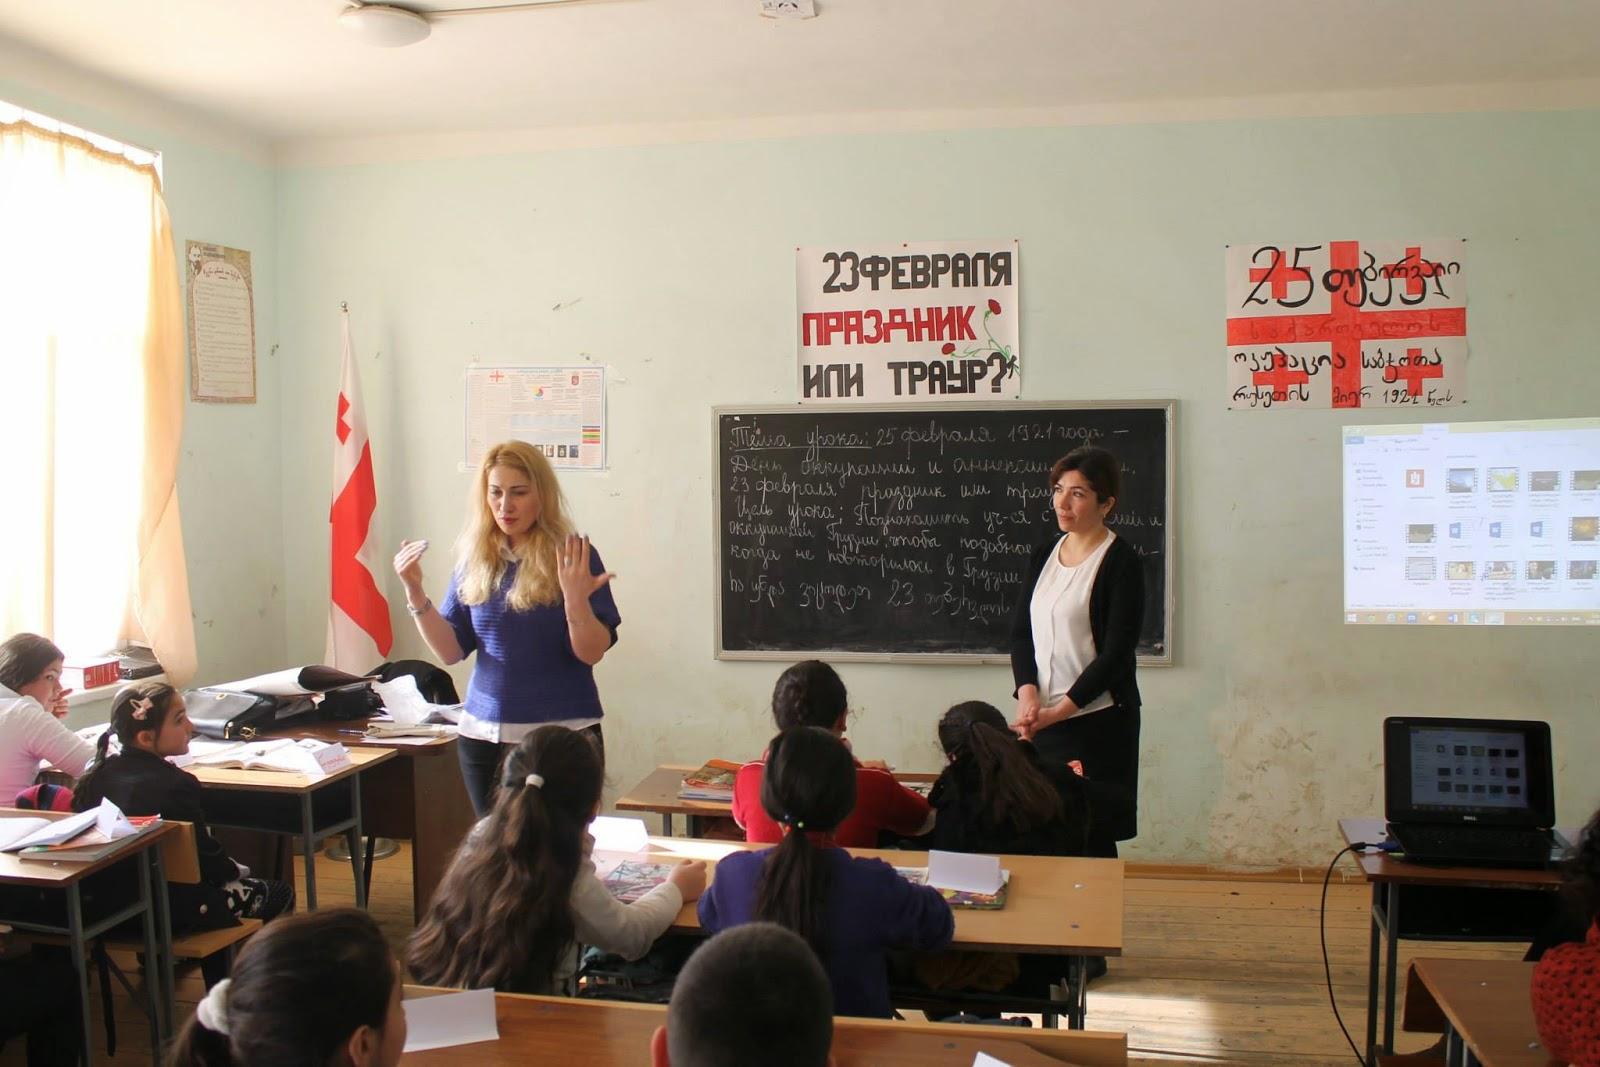 Открытый урок истории в публичной школе №2 русского сектора в городе Марнеули. Фото: sk2-marneuli.blogspot.com